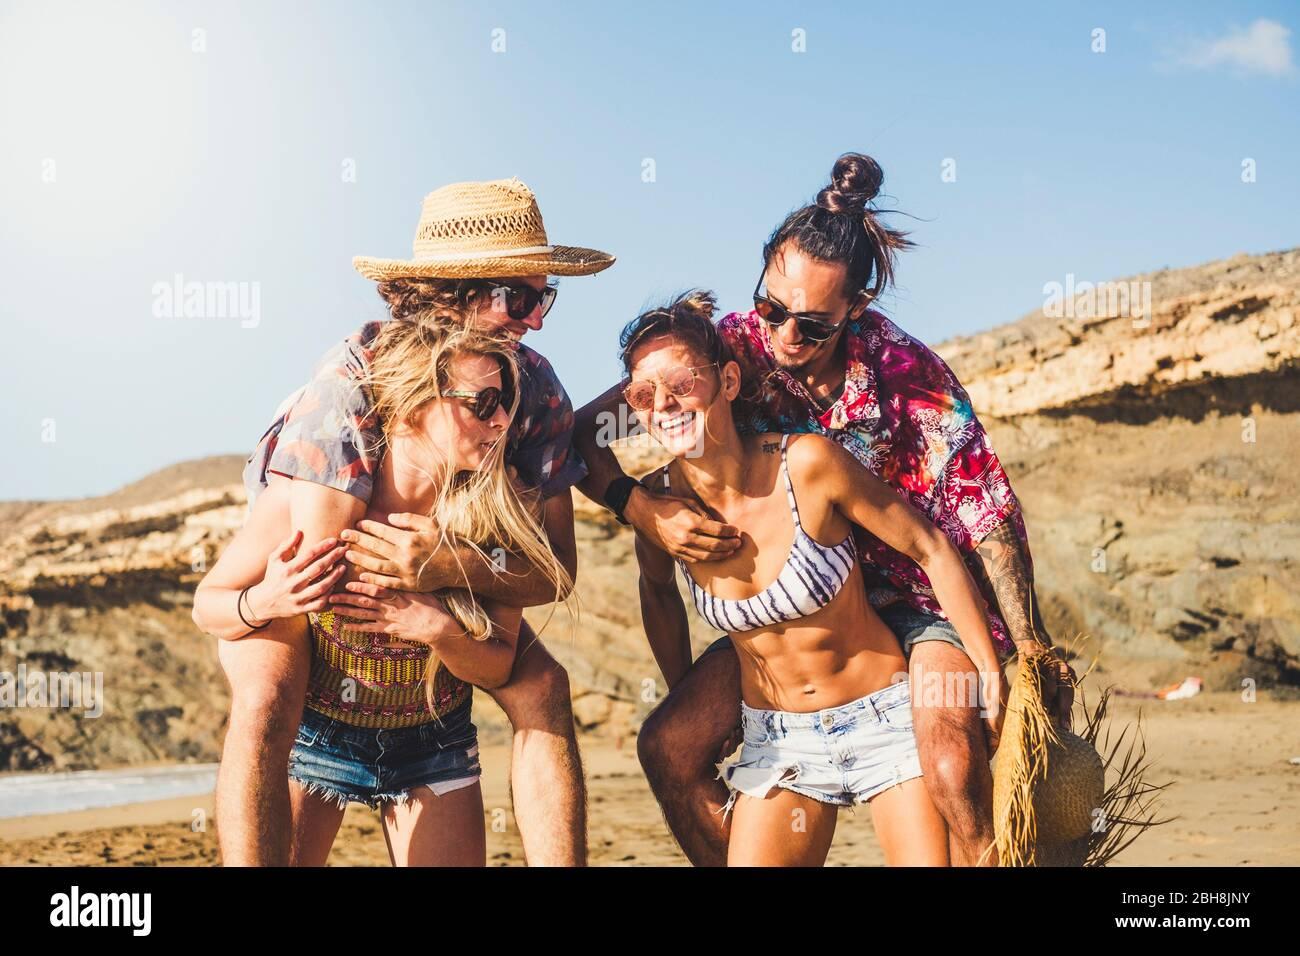 Les gens joyeux deux couples rigolent et s'amusent ensemble - les amis qui apprécient les vacances d'été au berach - les filles transportant des garçons - les jeunes hommes et les femmes de belle jouer dans une amitié heureuse Banque D'Images